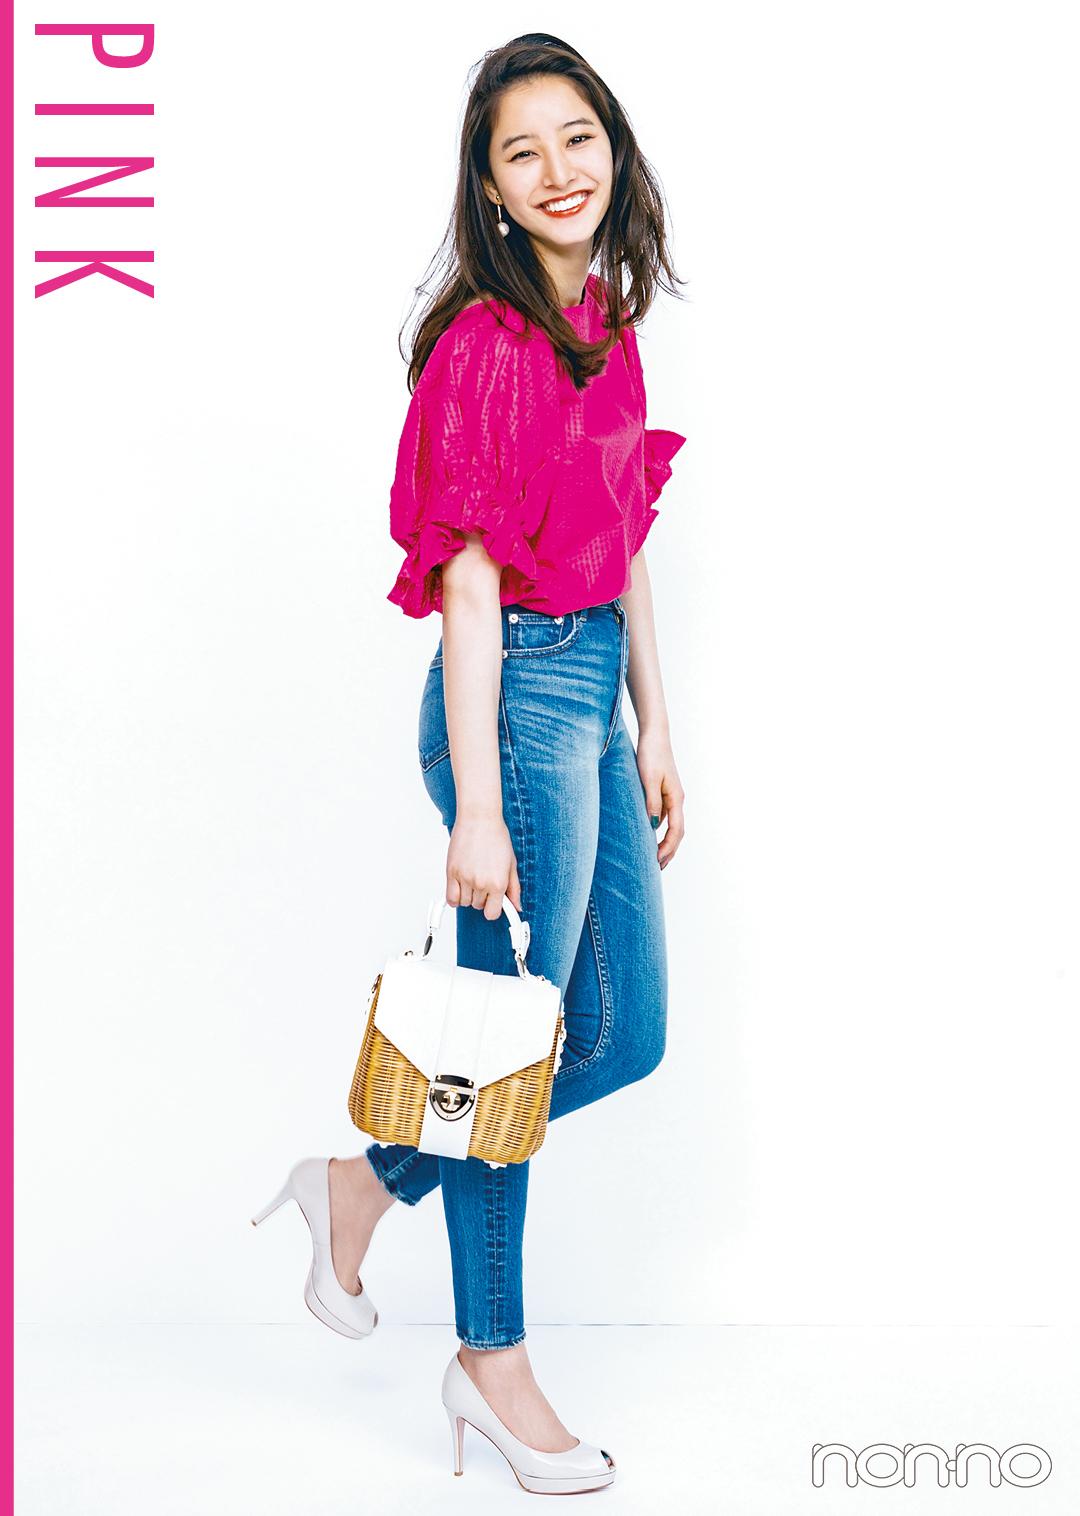 ピンク好きなら、夏は思いっきりヴィヴィッドな発色にトライ!_1_2